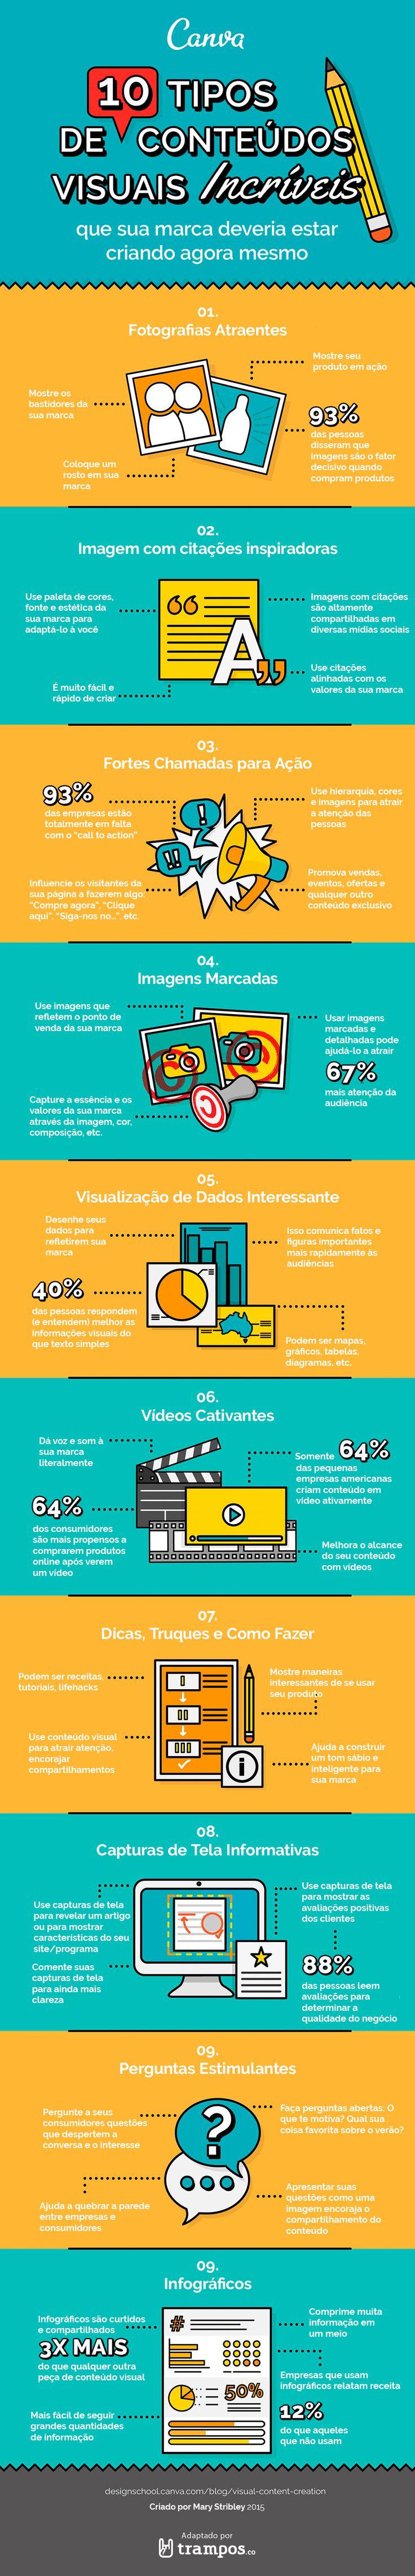 10 tipos de conteúdo visual incríveis